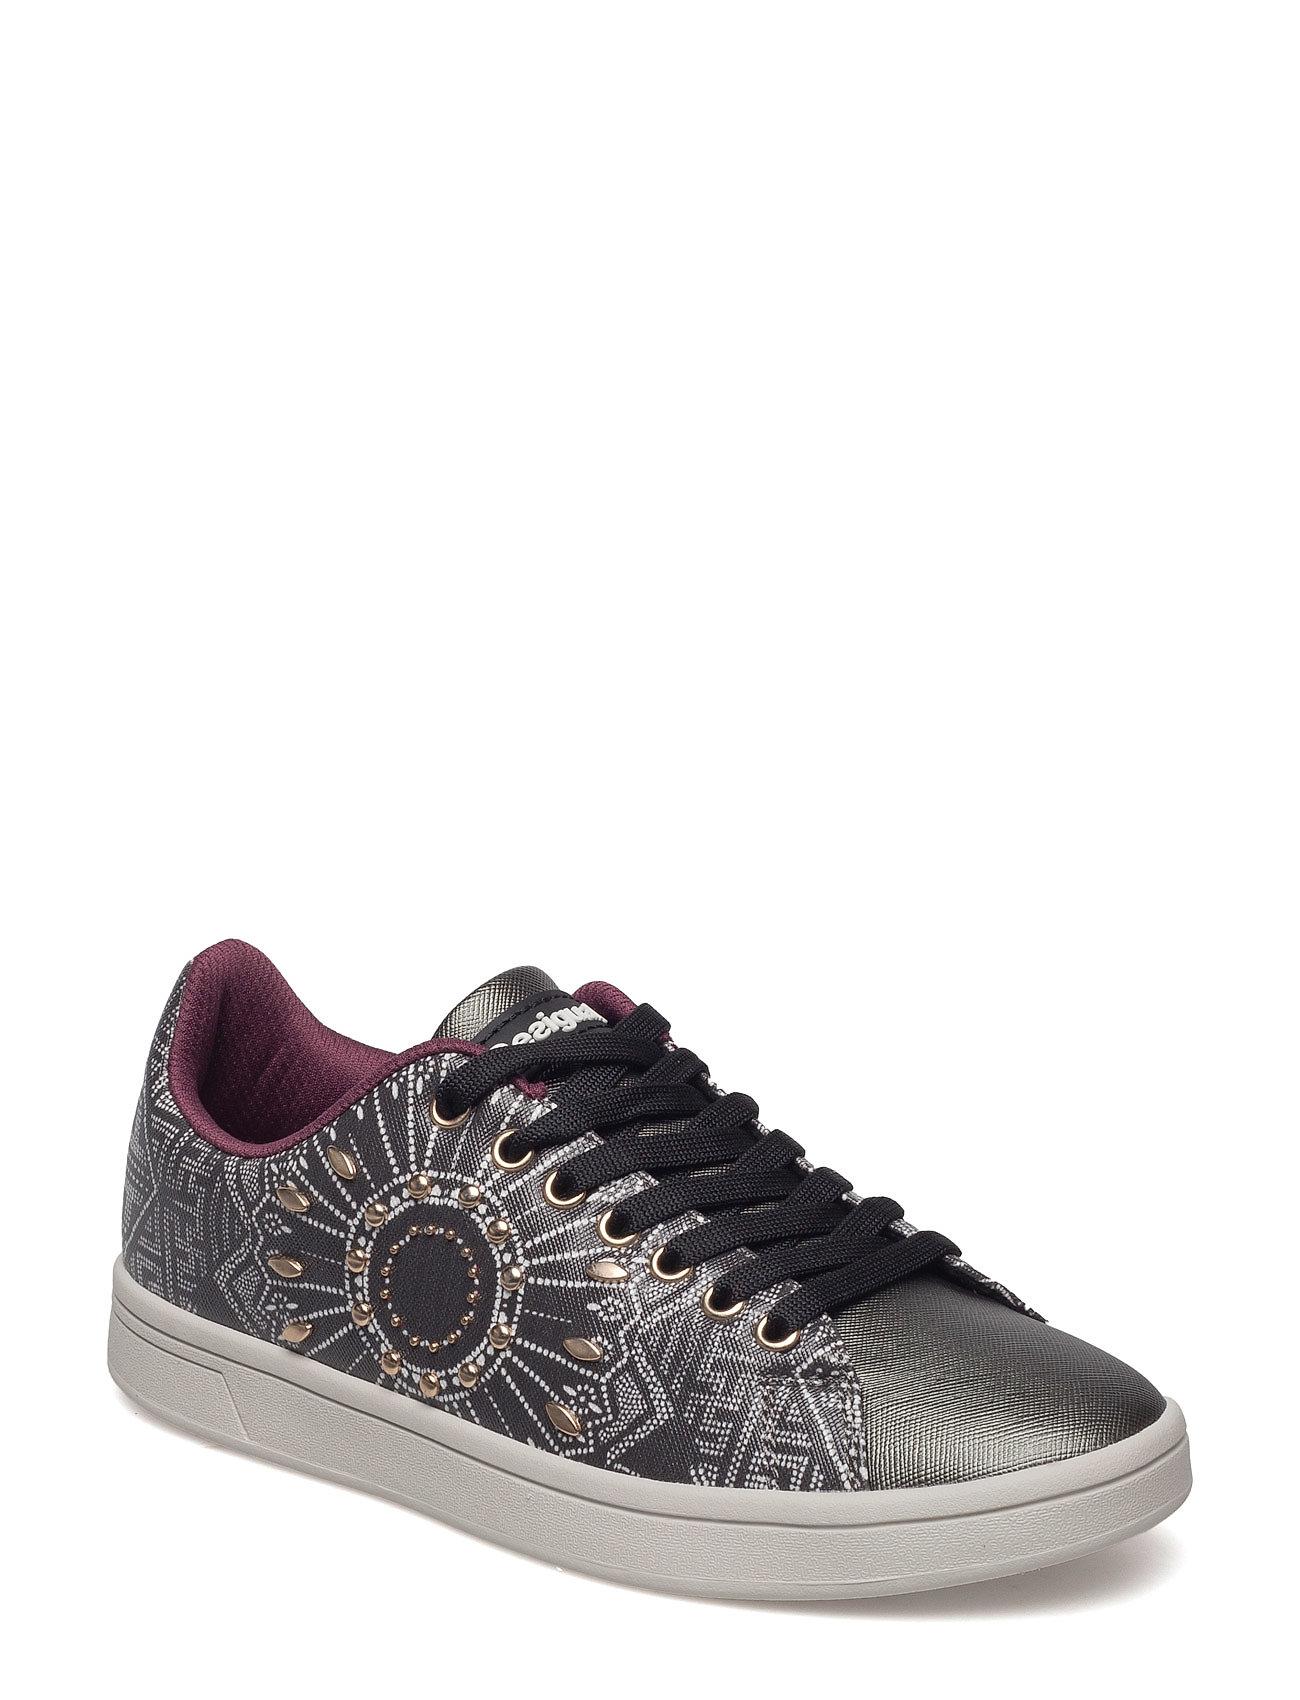 - Shoes Cosmic Blackstuds Desigual Shoes Shoes